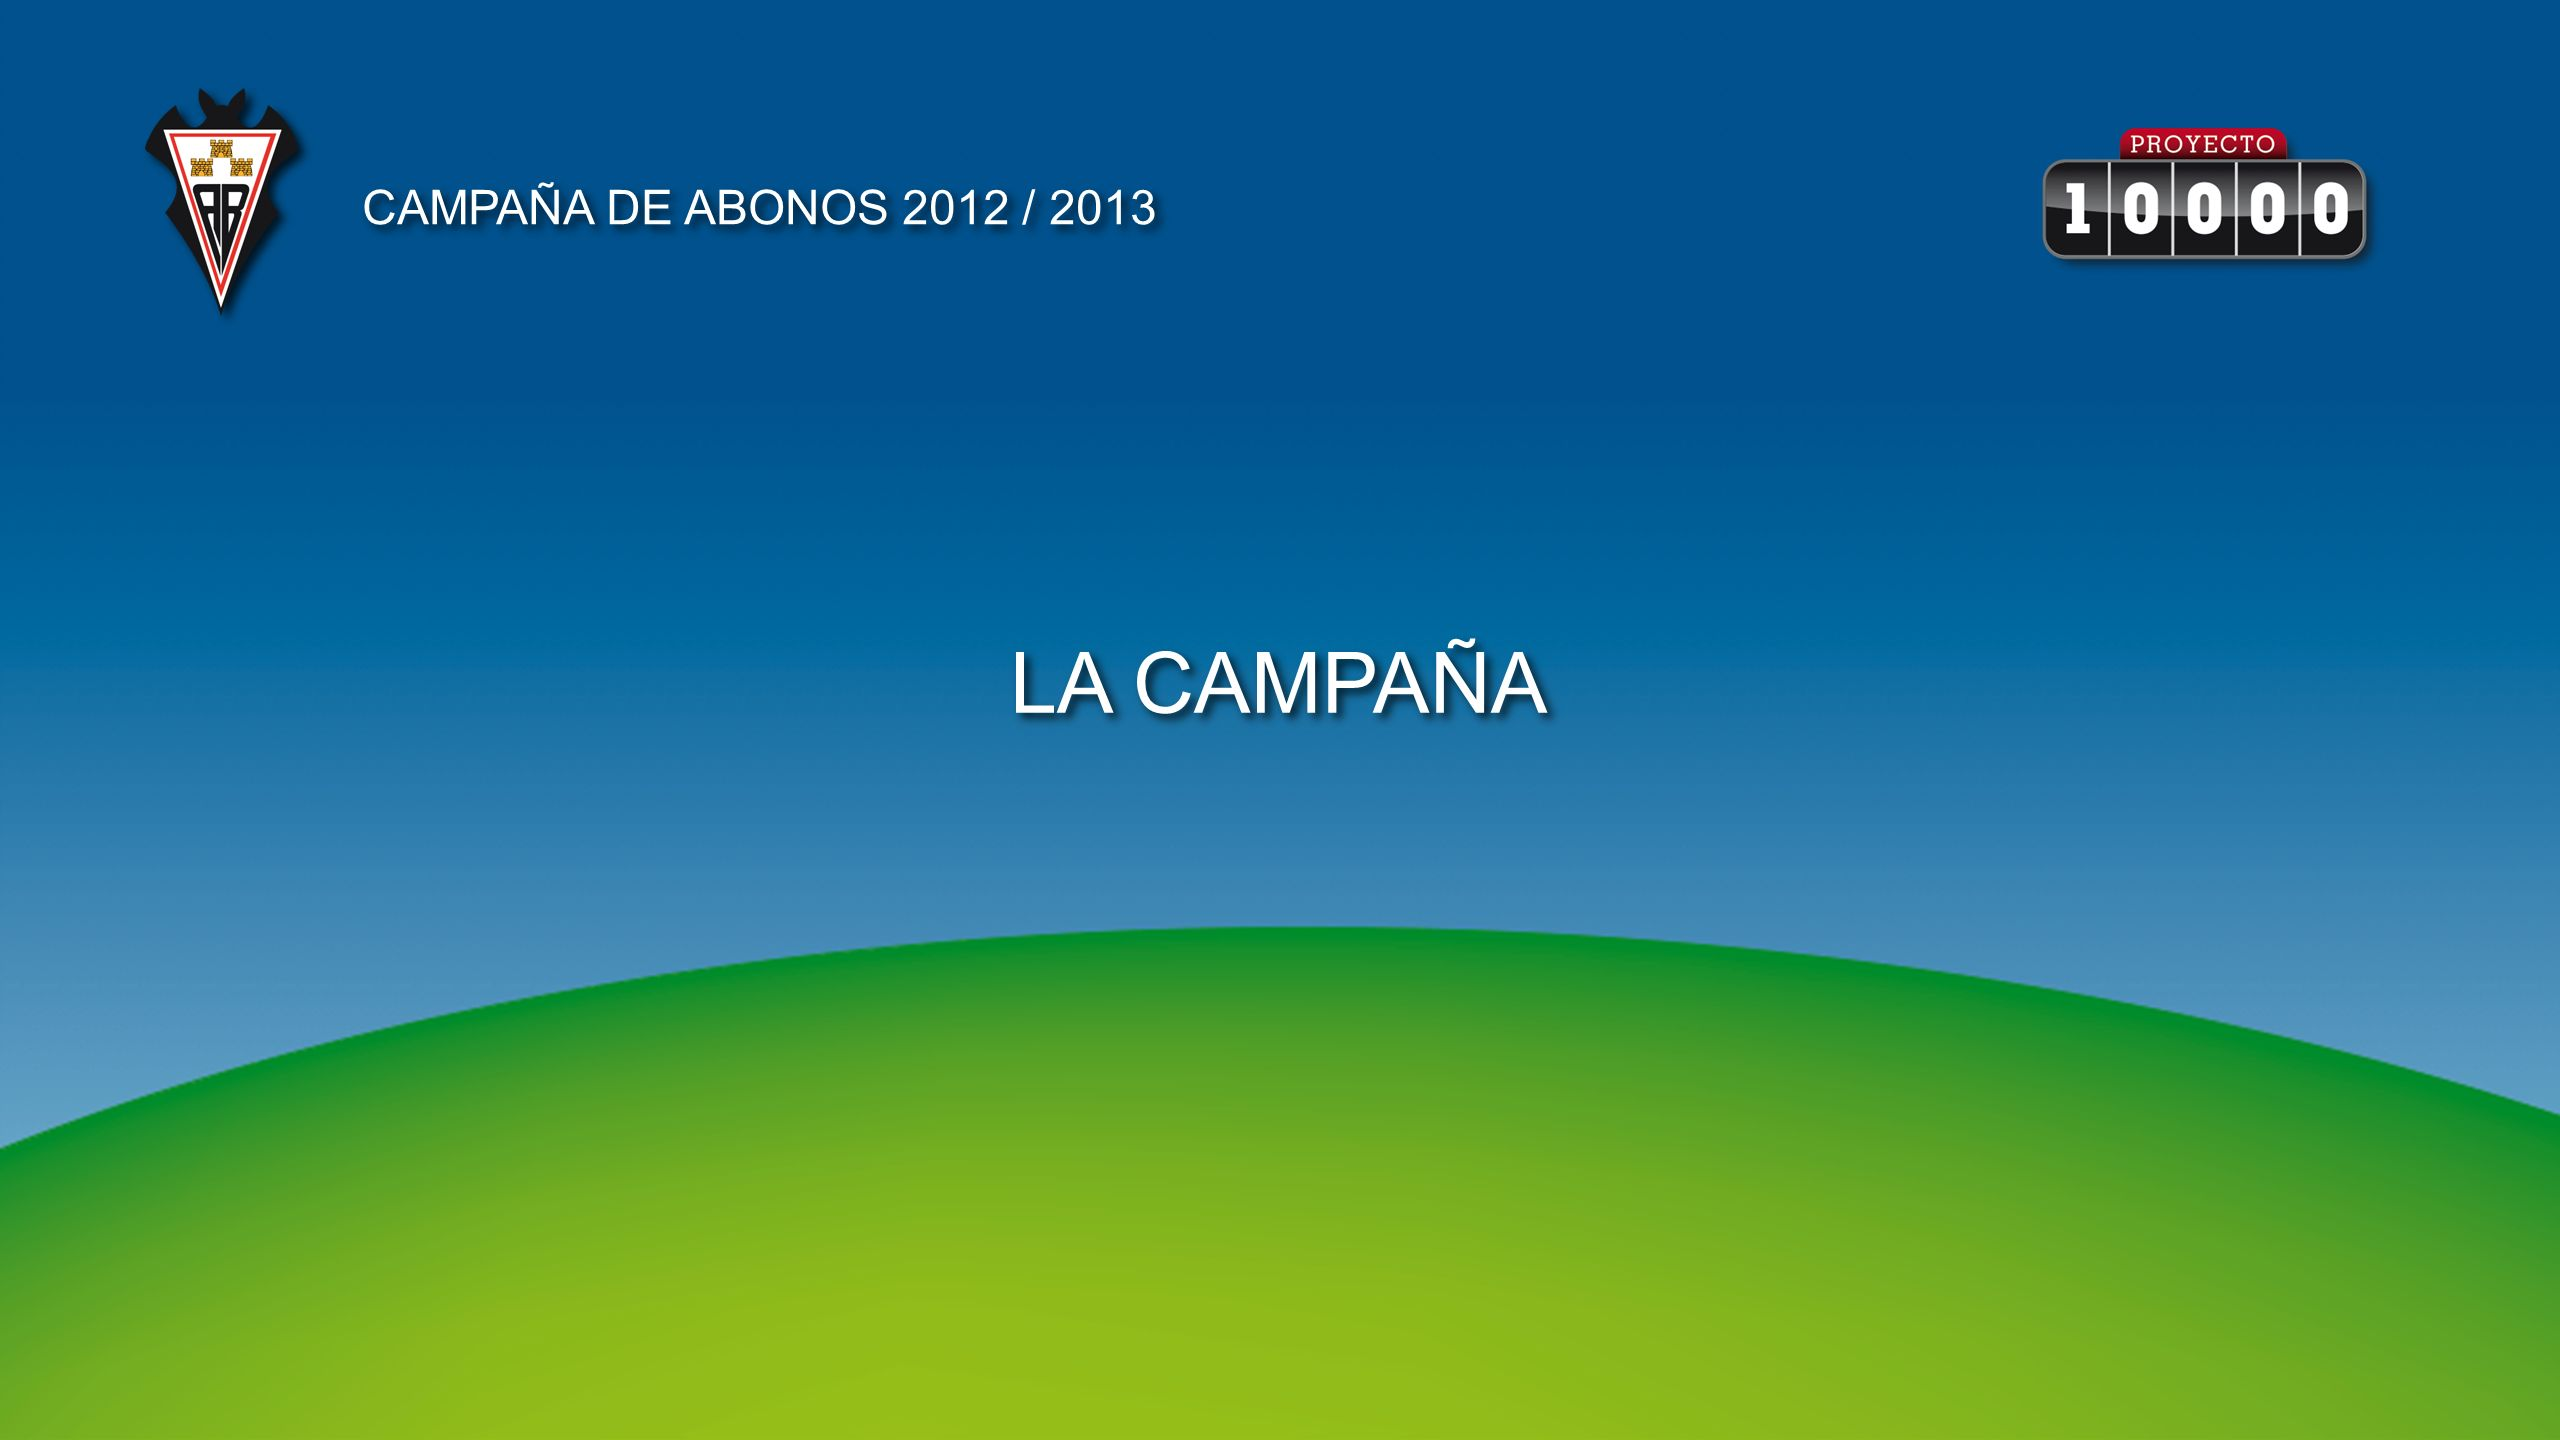 CAMPAÑA DE ABONOS 2012 / 2013 LA CAMPAÑA